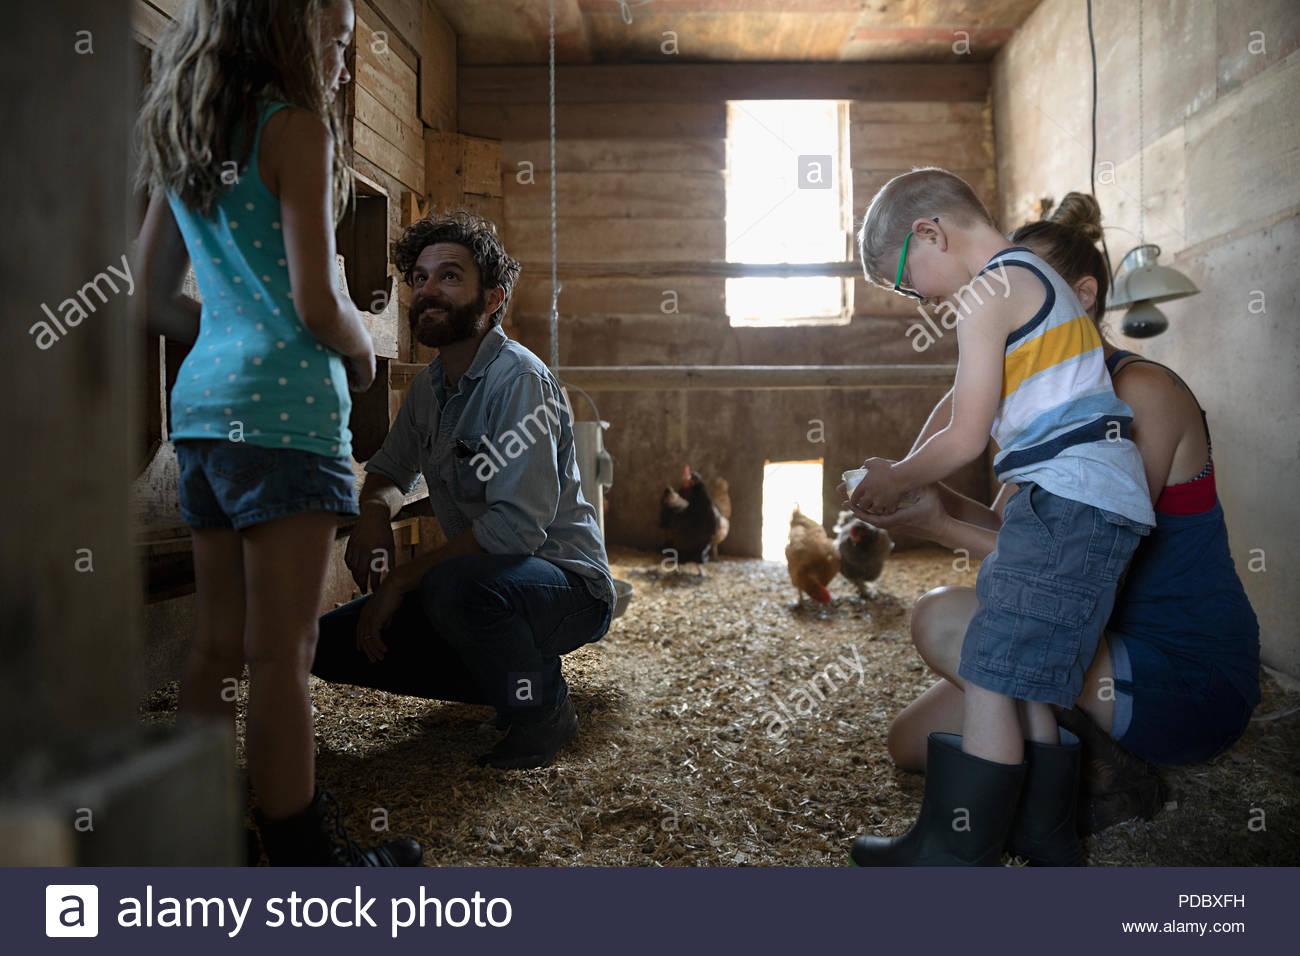 Familia alimentando pollos en establo Imagen De Stock